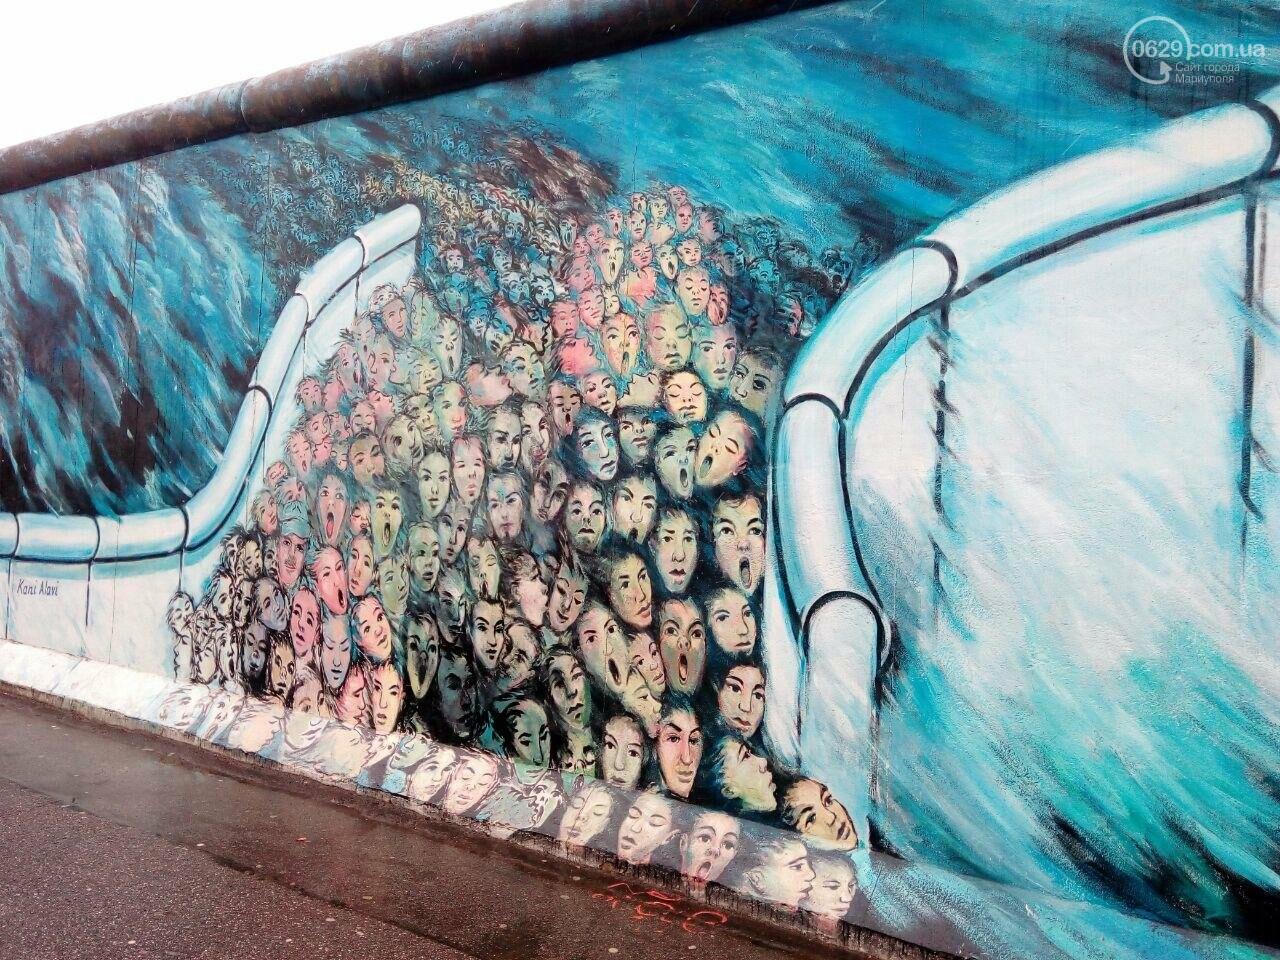 Берлинский «шабаш»: что мариупольцу посмотреть в столице Германии, и сколько это стоит, фото-15